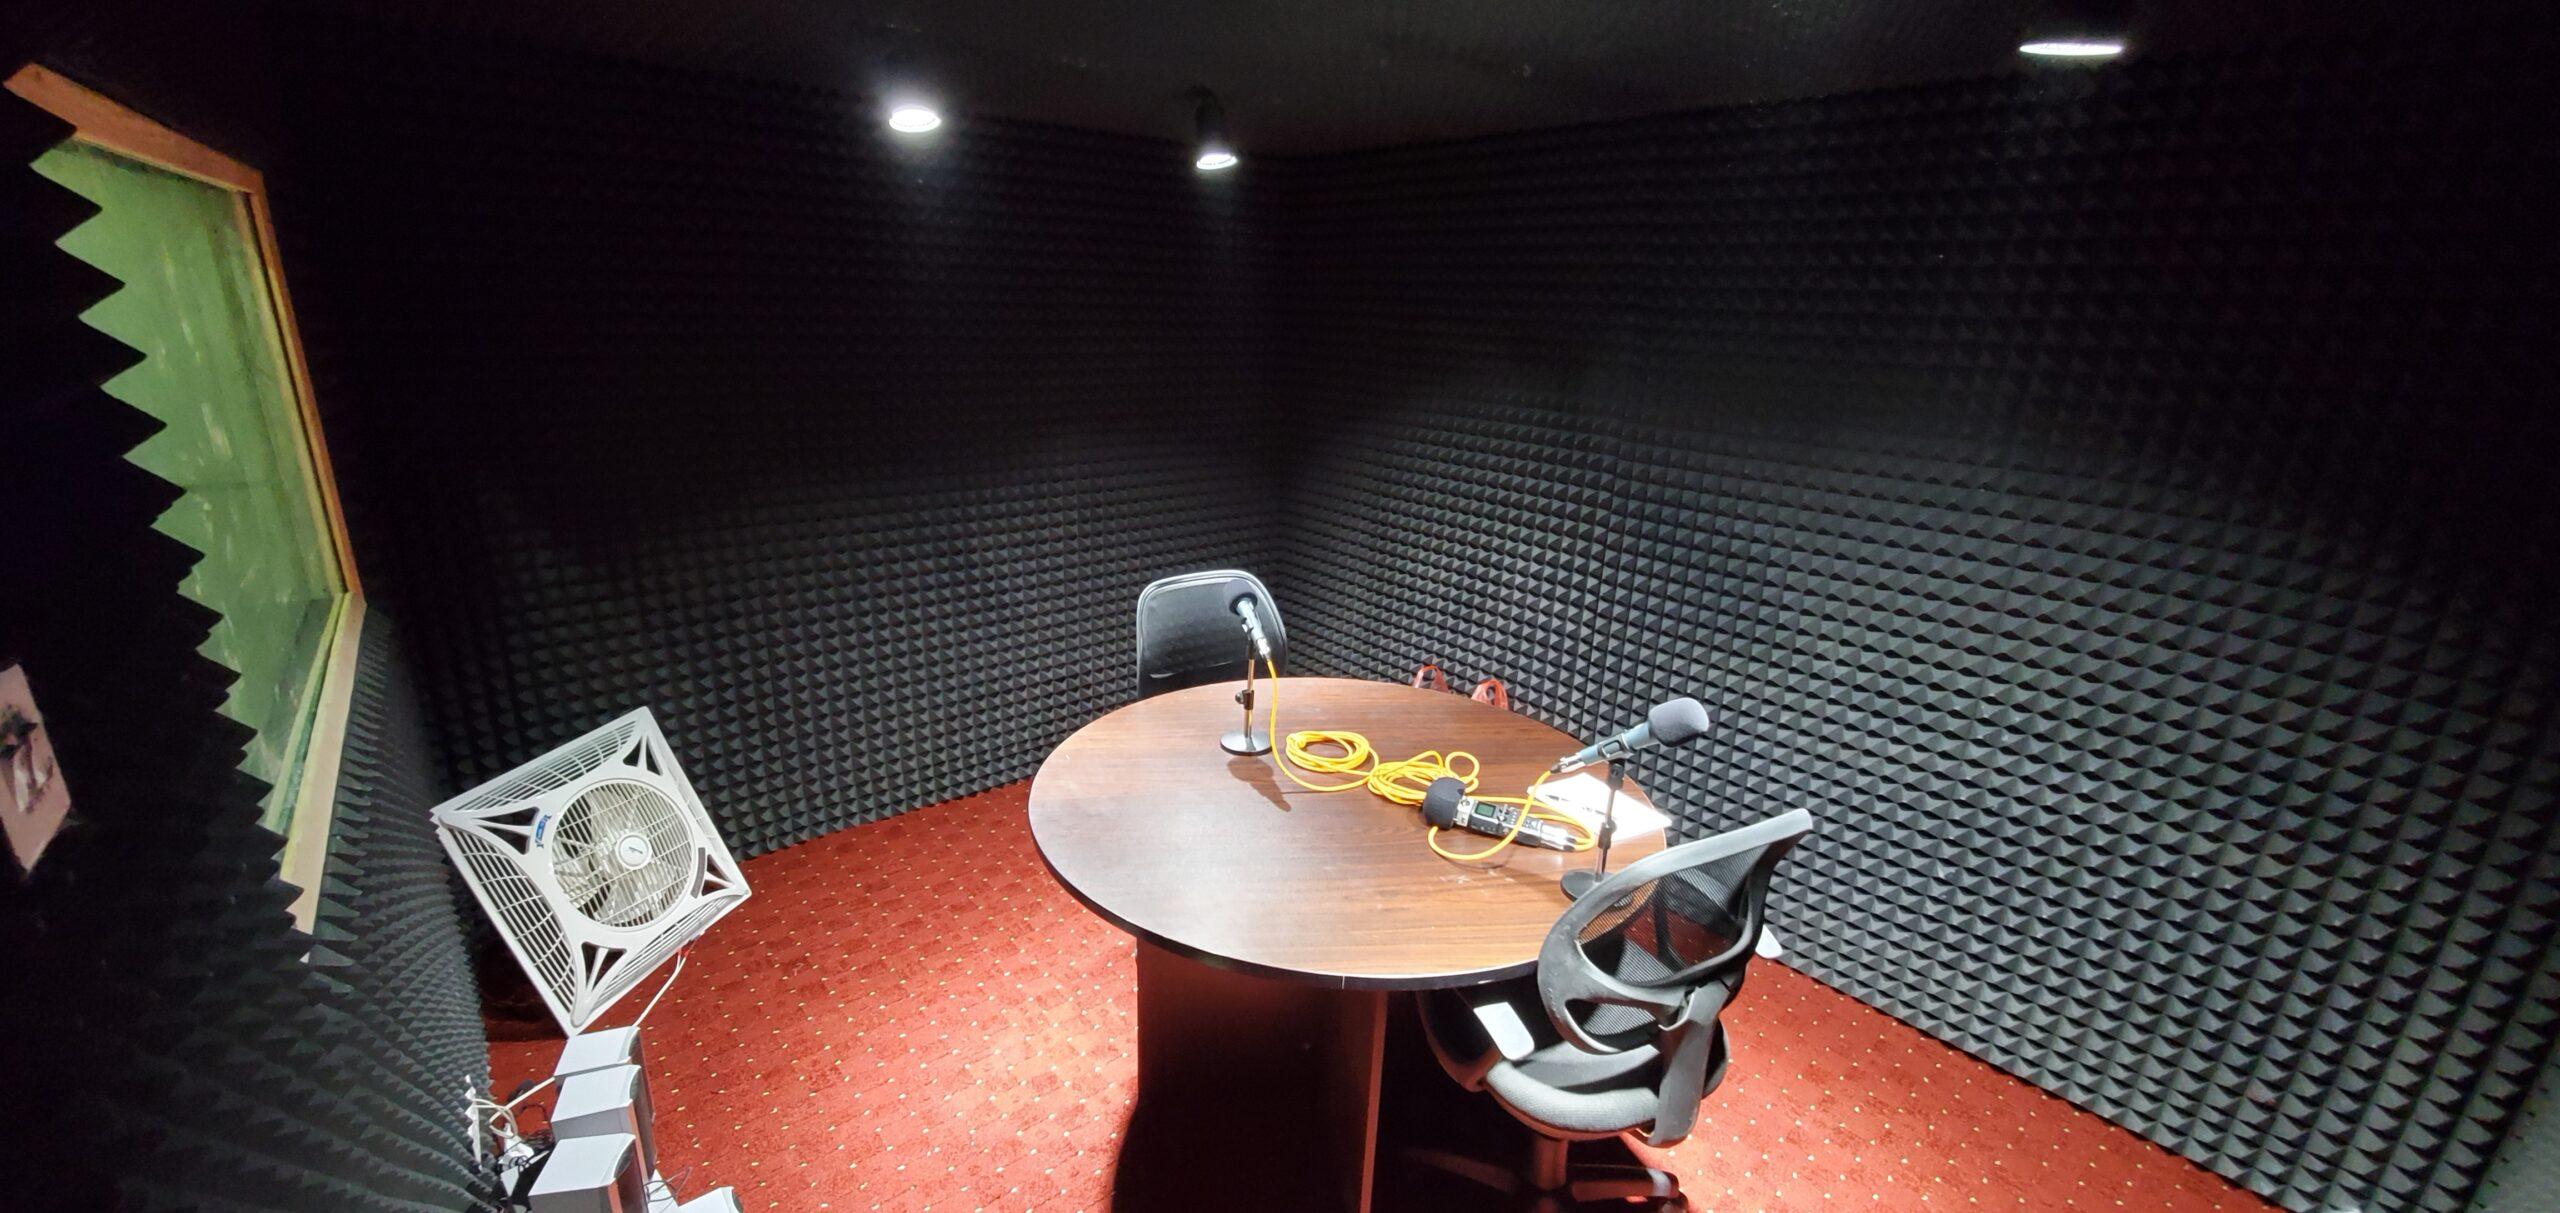 YODET Enab podcast studio